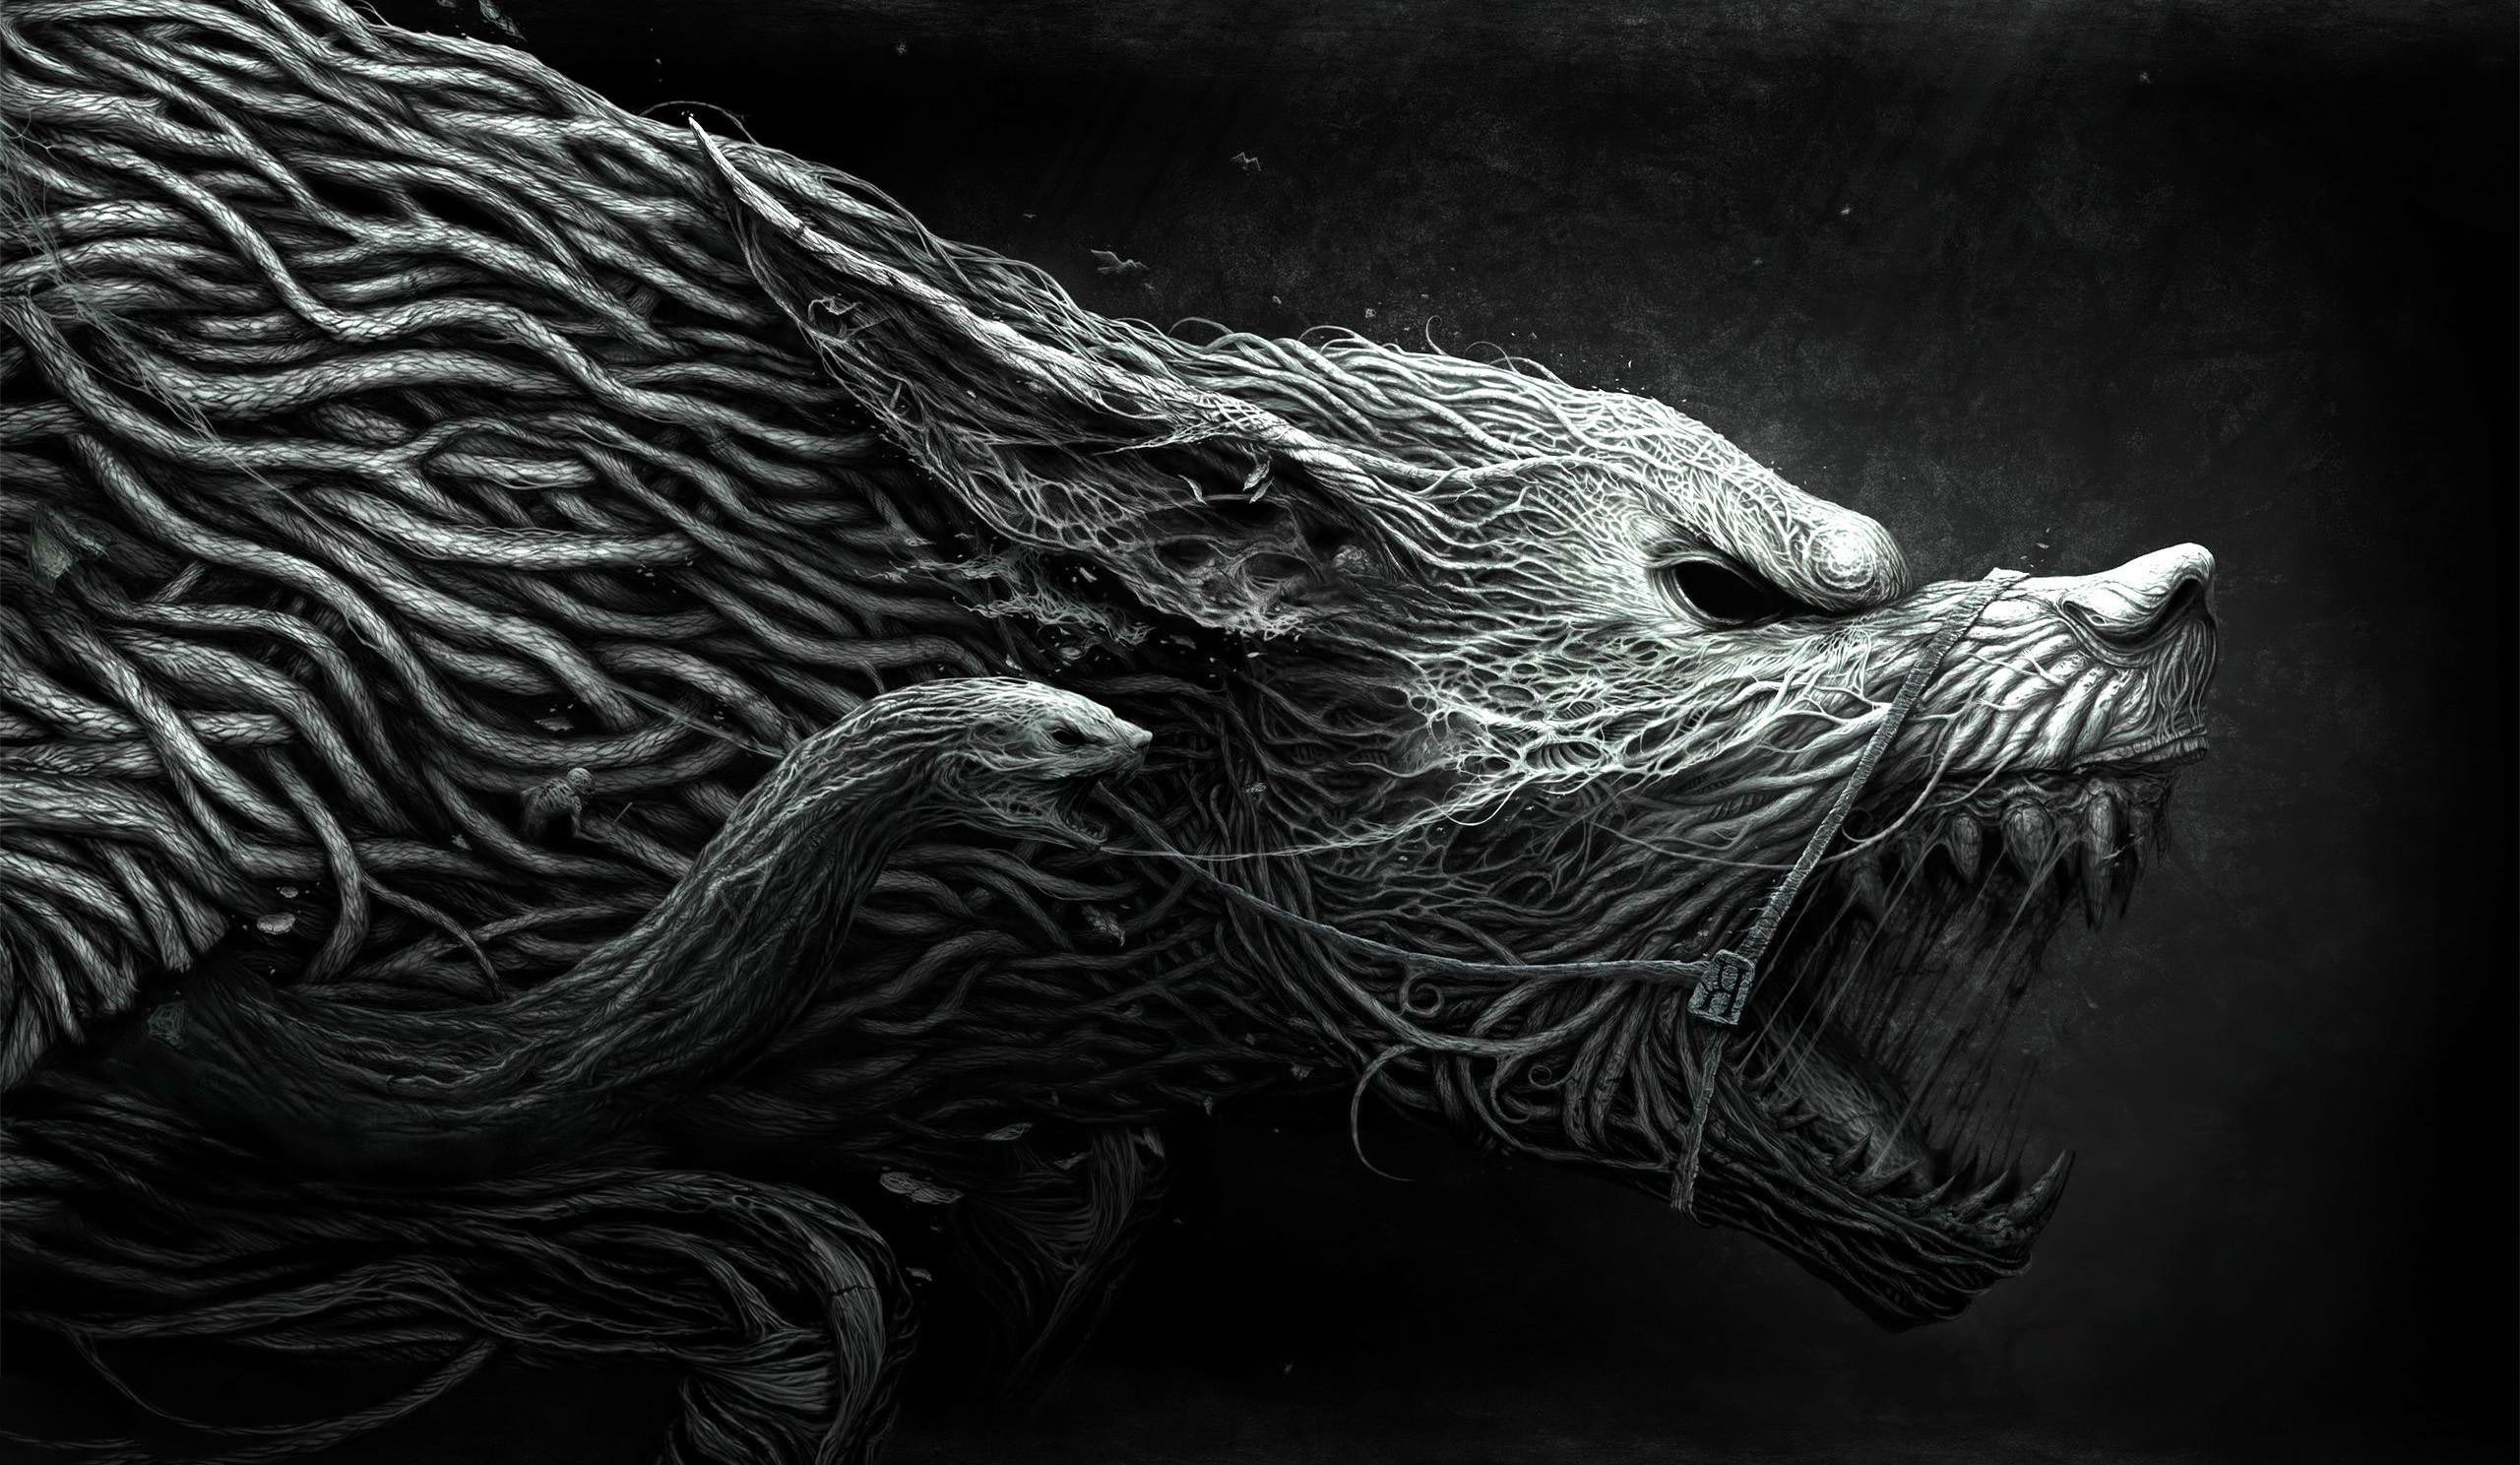 Creepy Fantasy Art Artwork Wallpapers HD / Desktop and Mobile .